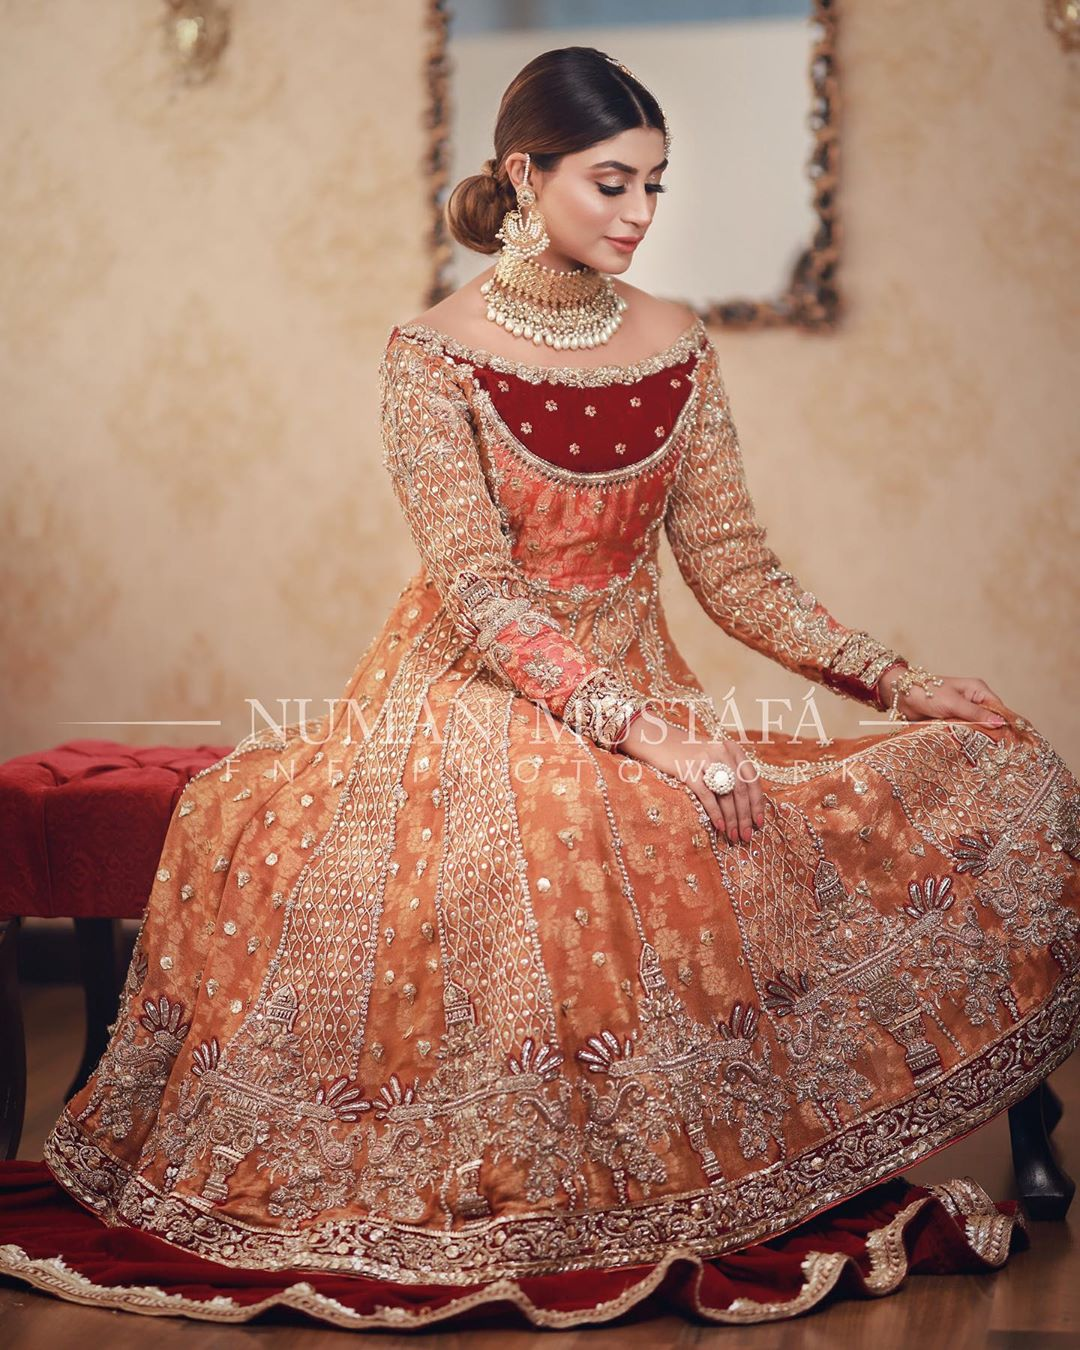 Gorgeous Actress Zoya Nasir Beautiful Bridal Photo Shoot